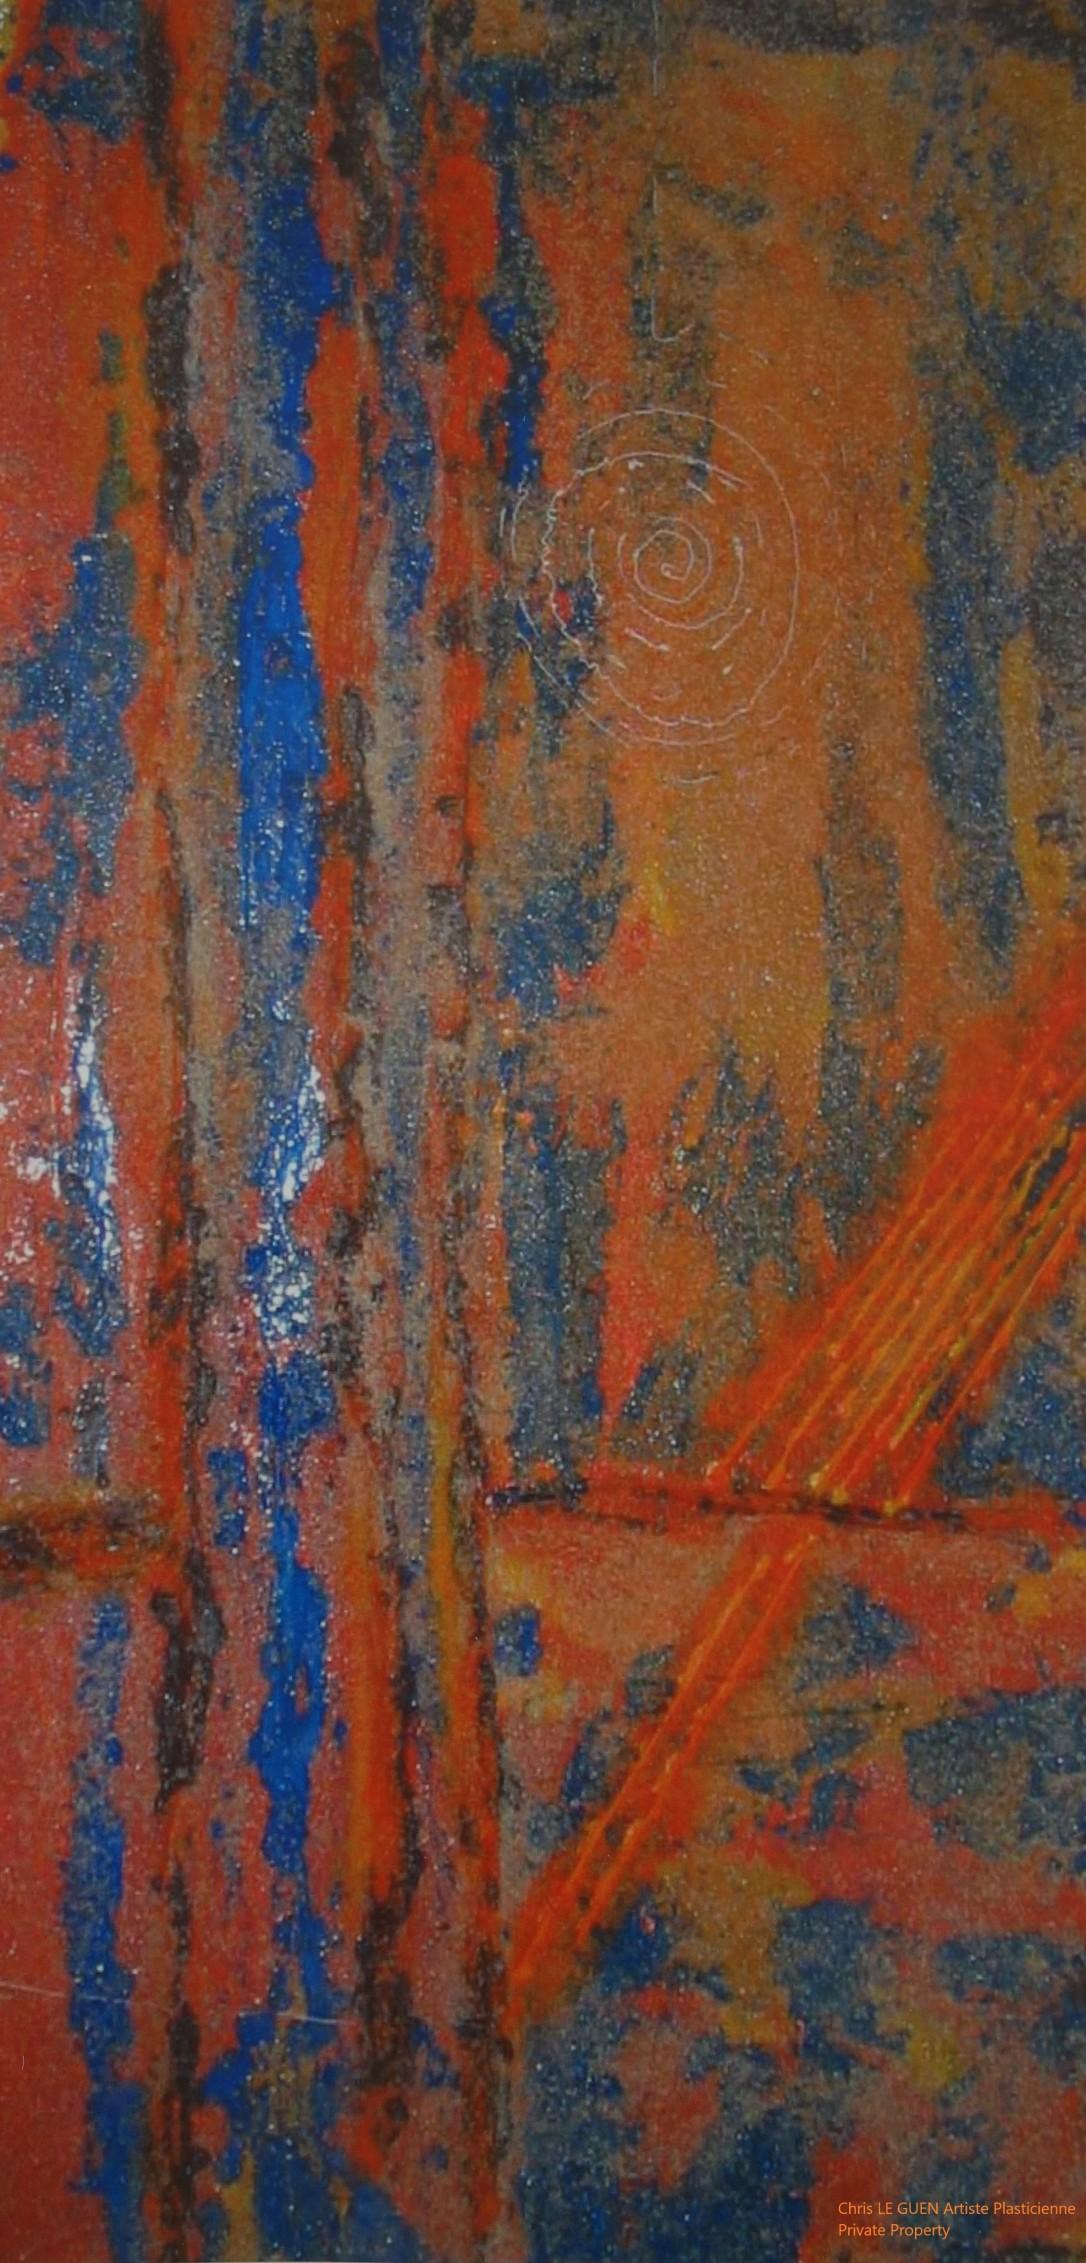 Chris Le Guen Artiste Plasticienne Peintre et Sculptrice peint N°33-1